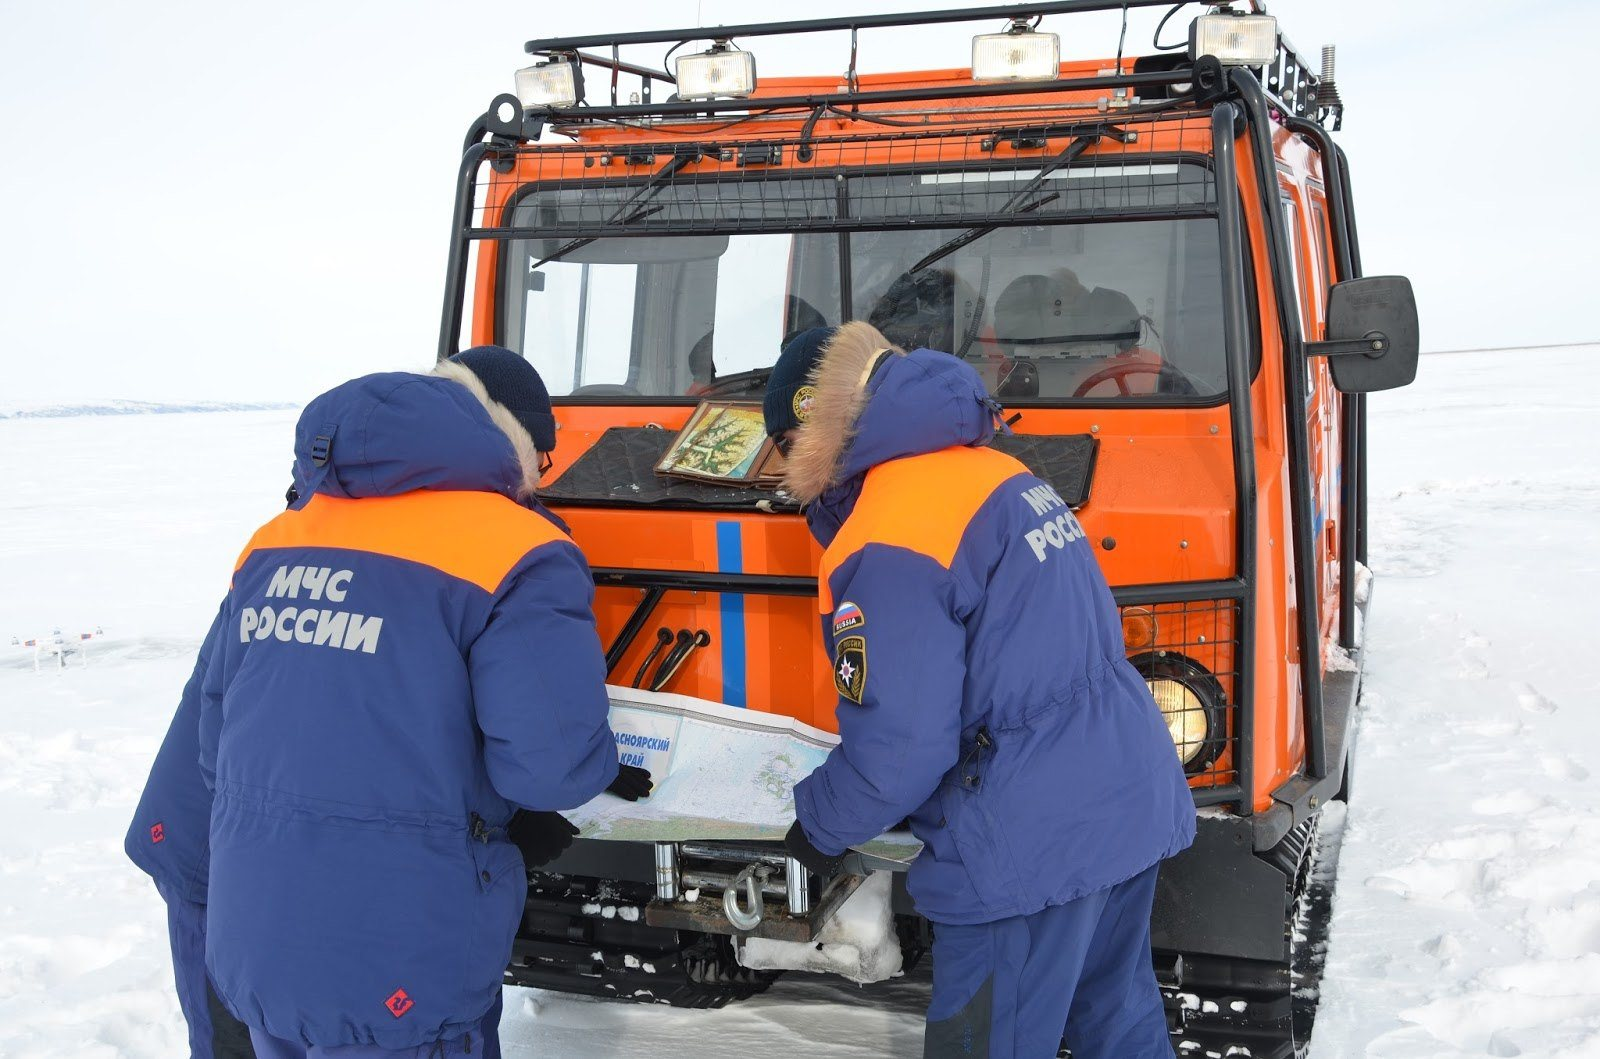 Новые Нормы СИЗ Для Пожарных и Спасателей МЧС!